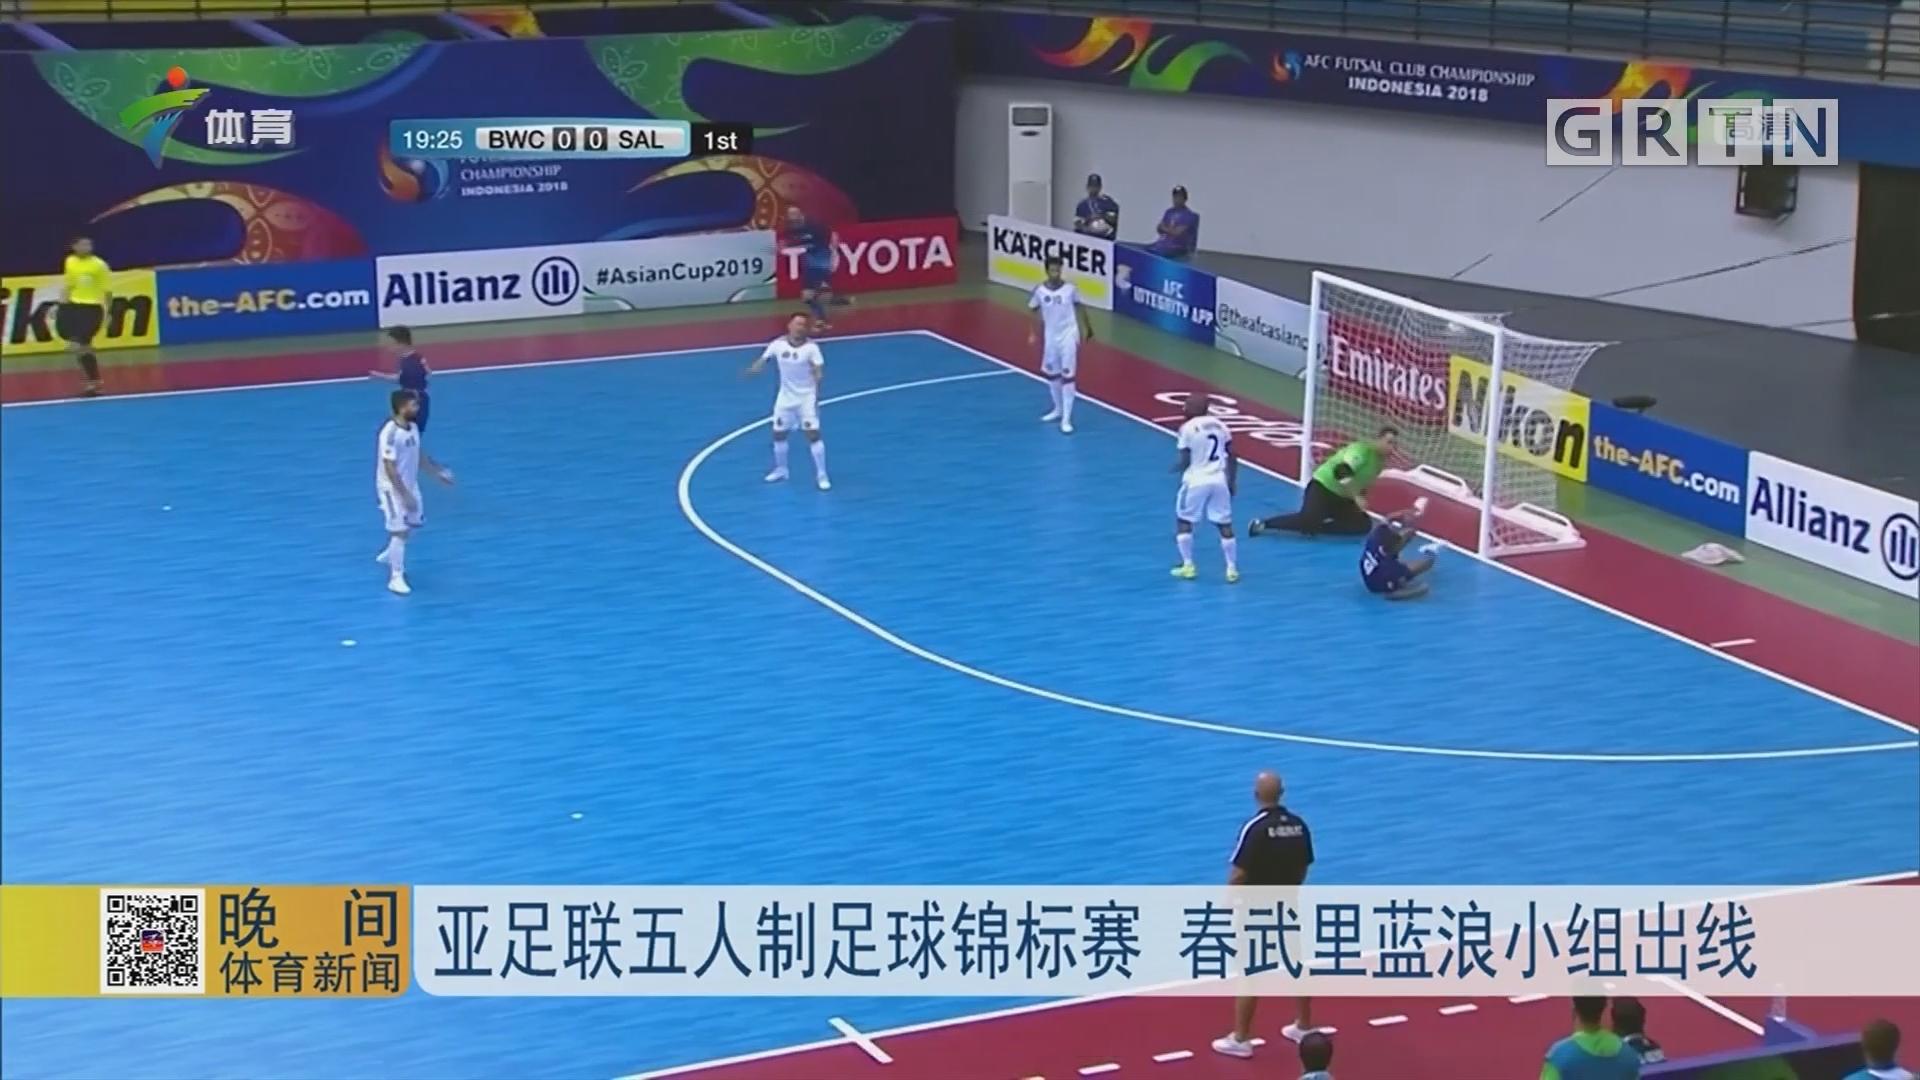 亚足联五人制足球锦标赛 春武里蓝浪小组出线